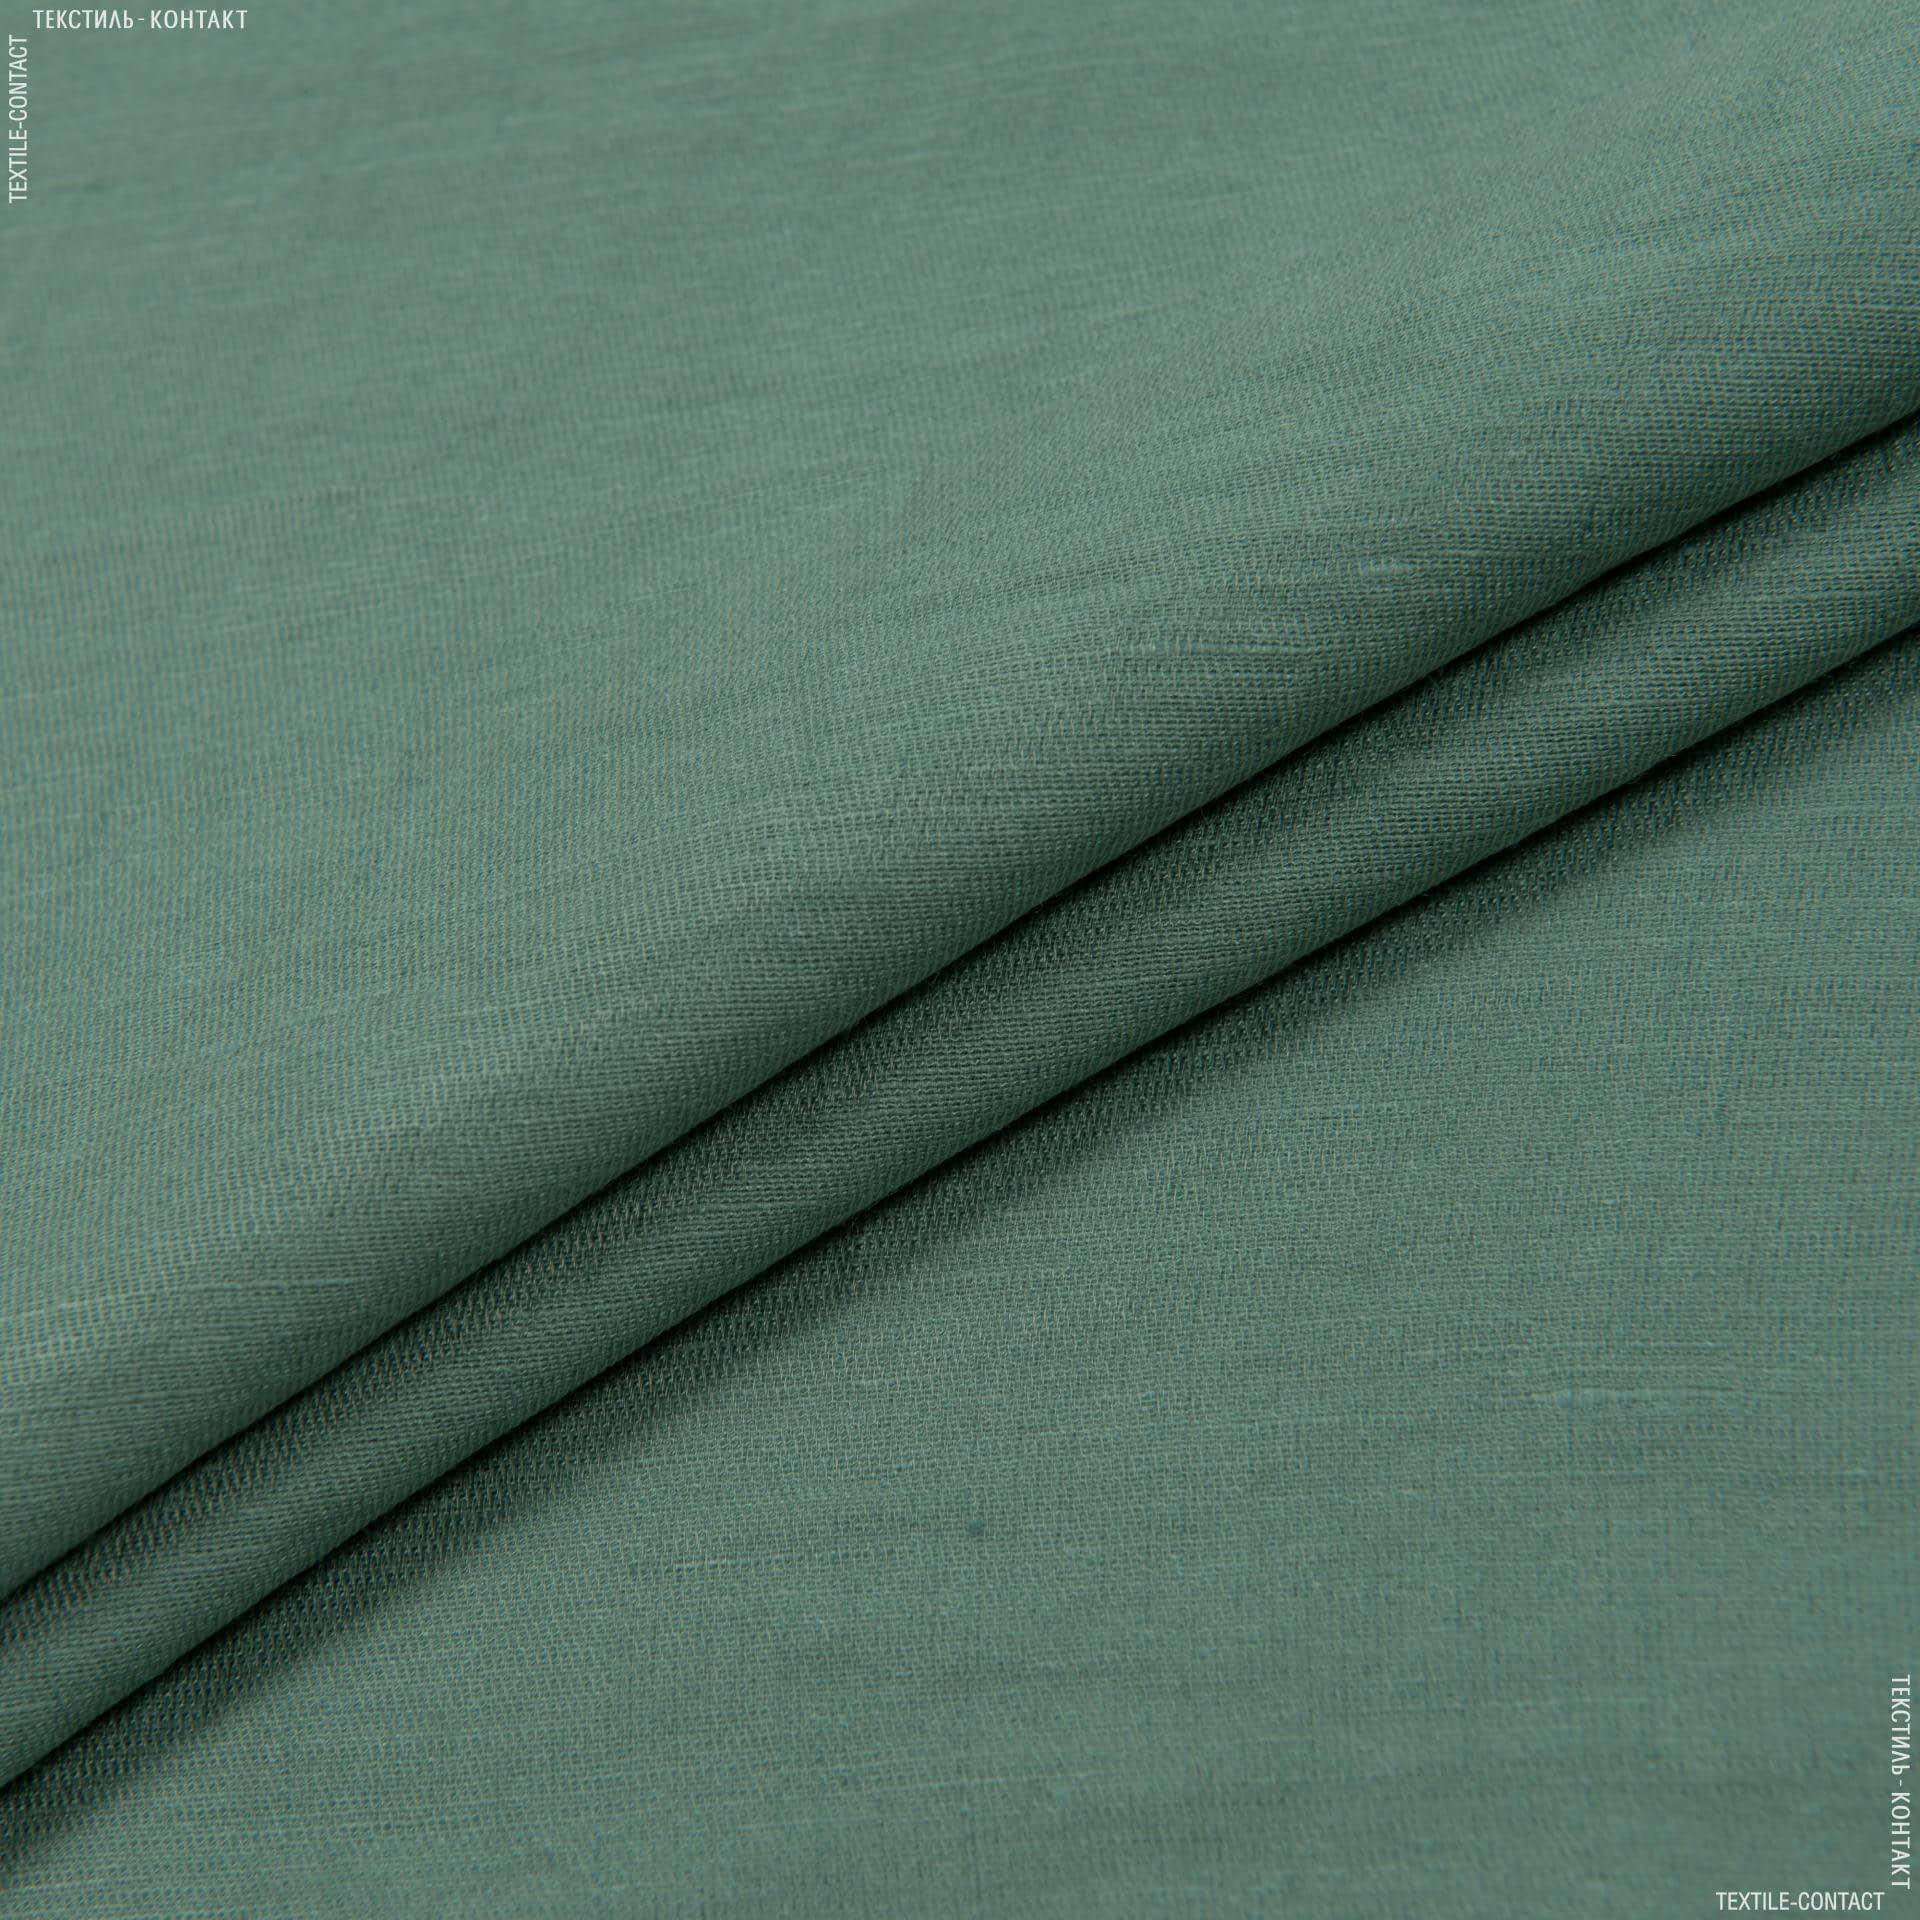 Ткани для костюмов - Плательный дикий лен никос изумрудный